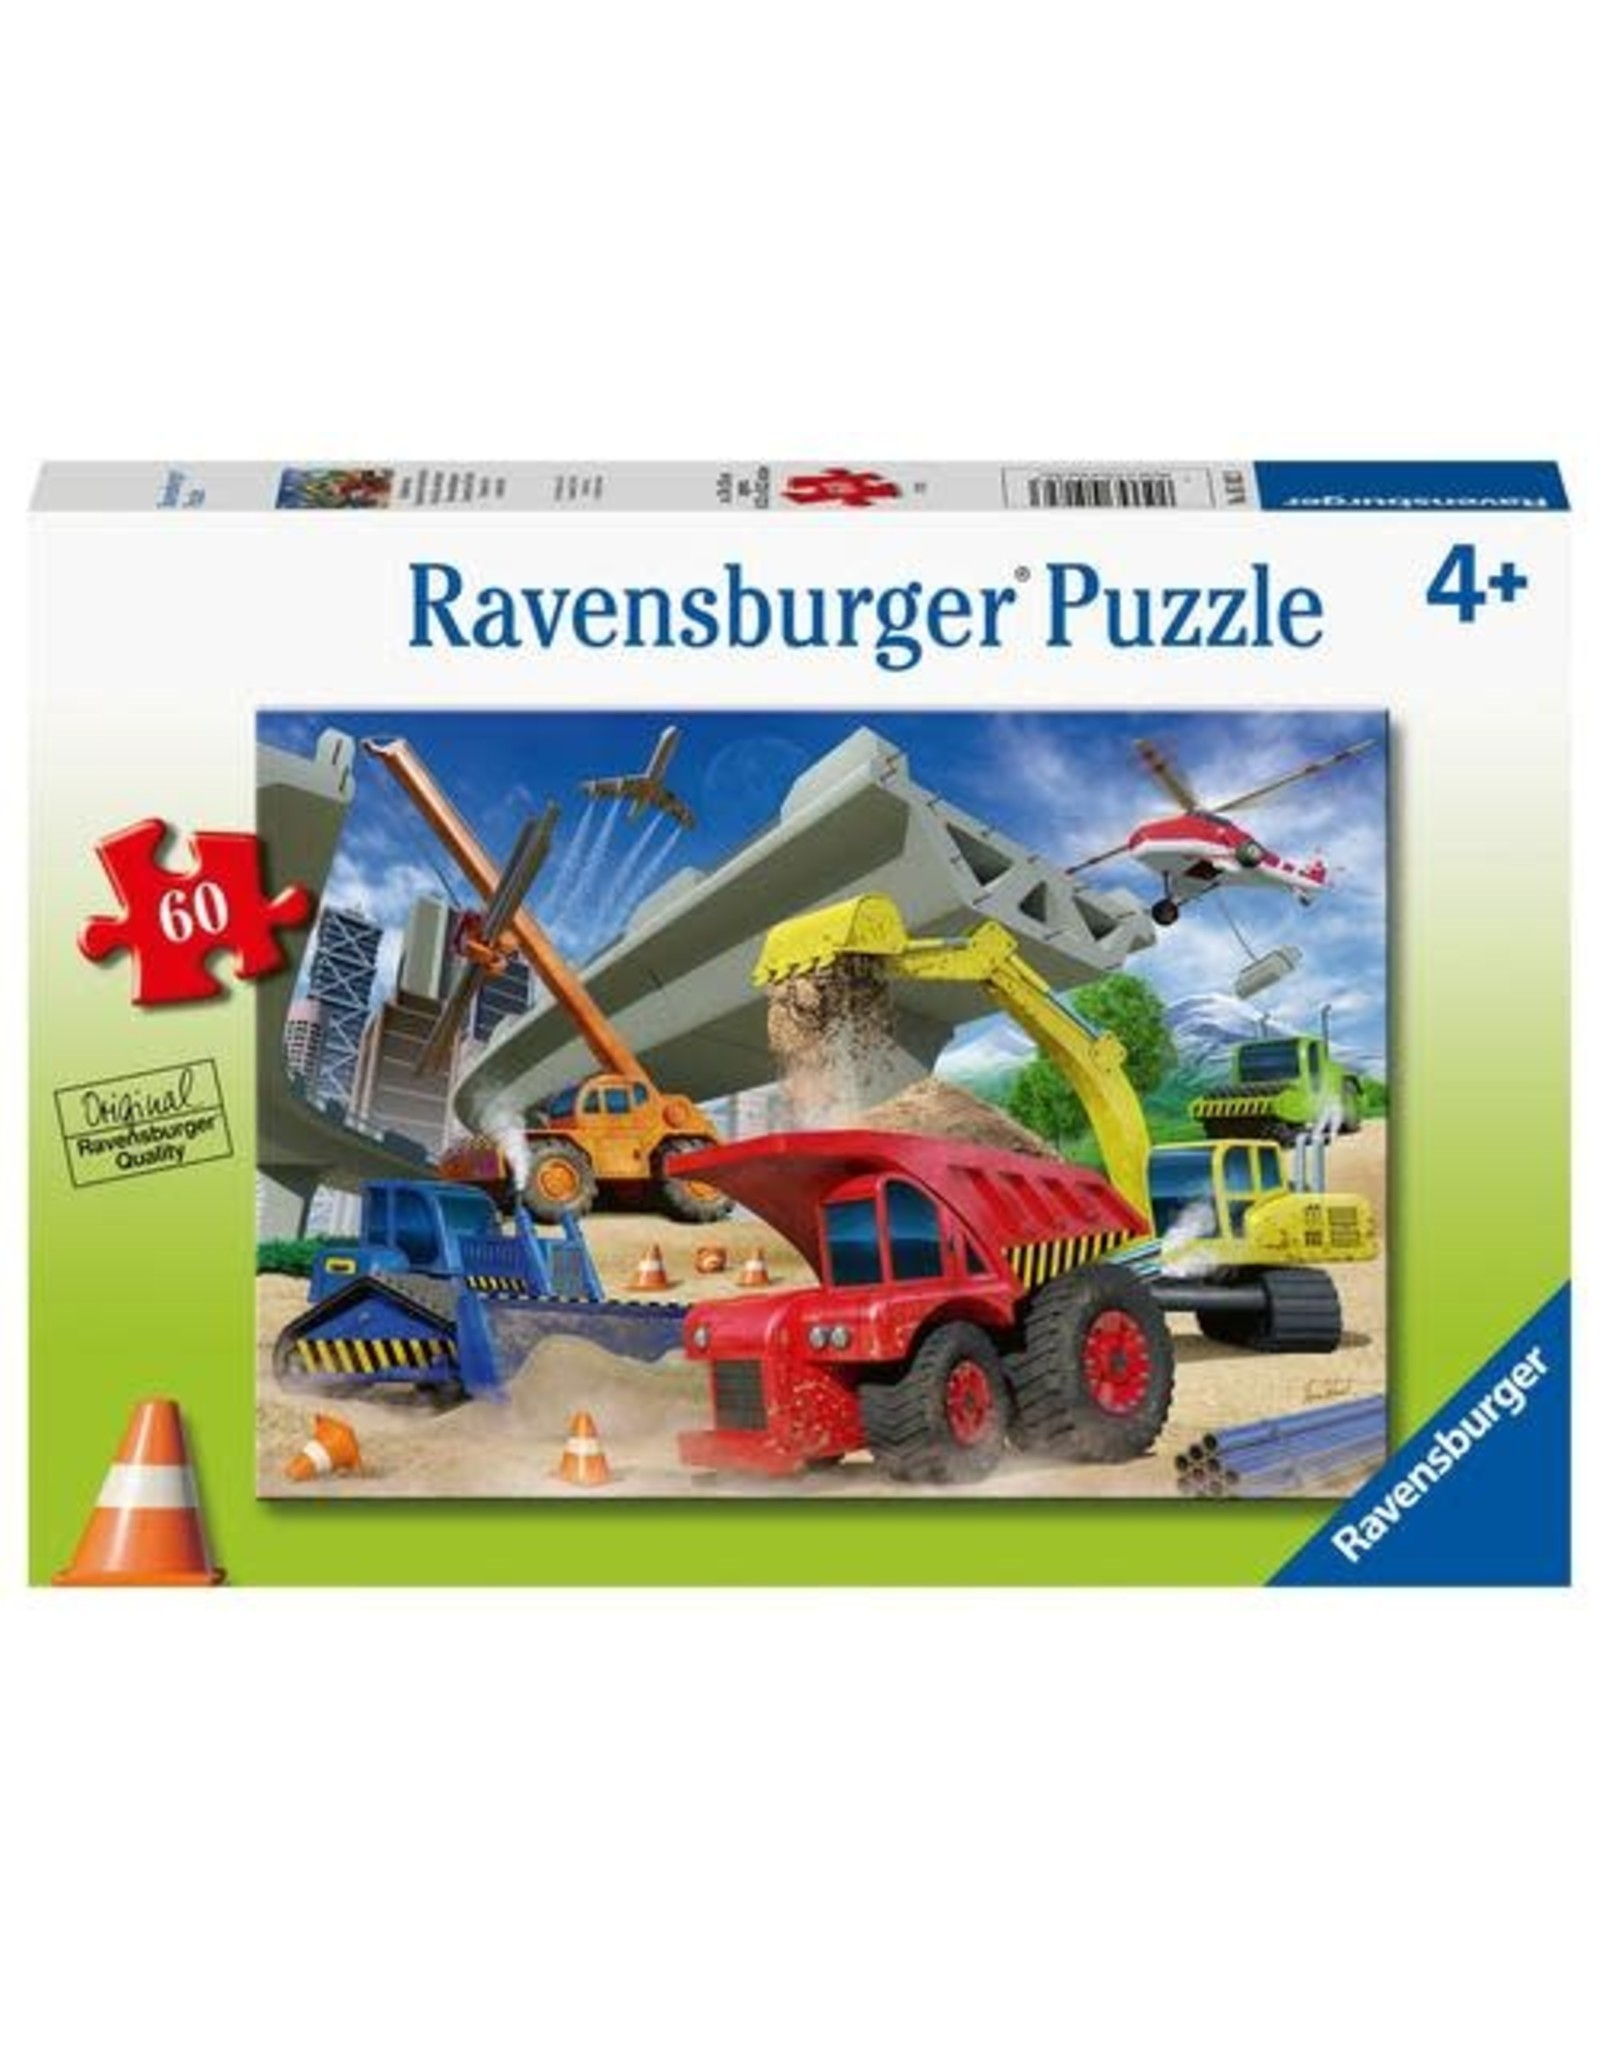 Ravensburger 60 pcs. Construction Vehicle Puzzle